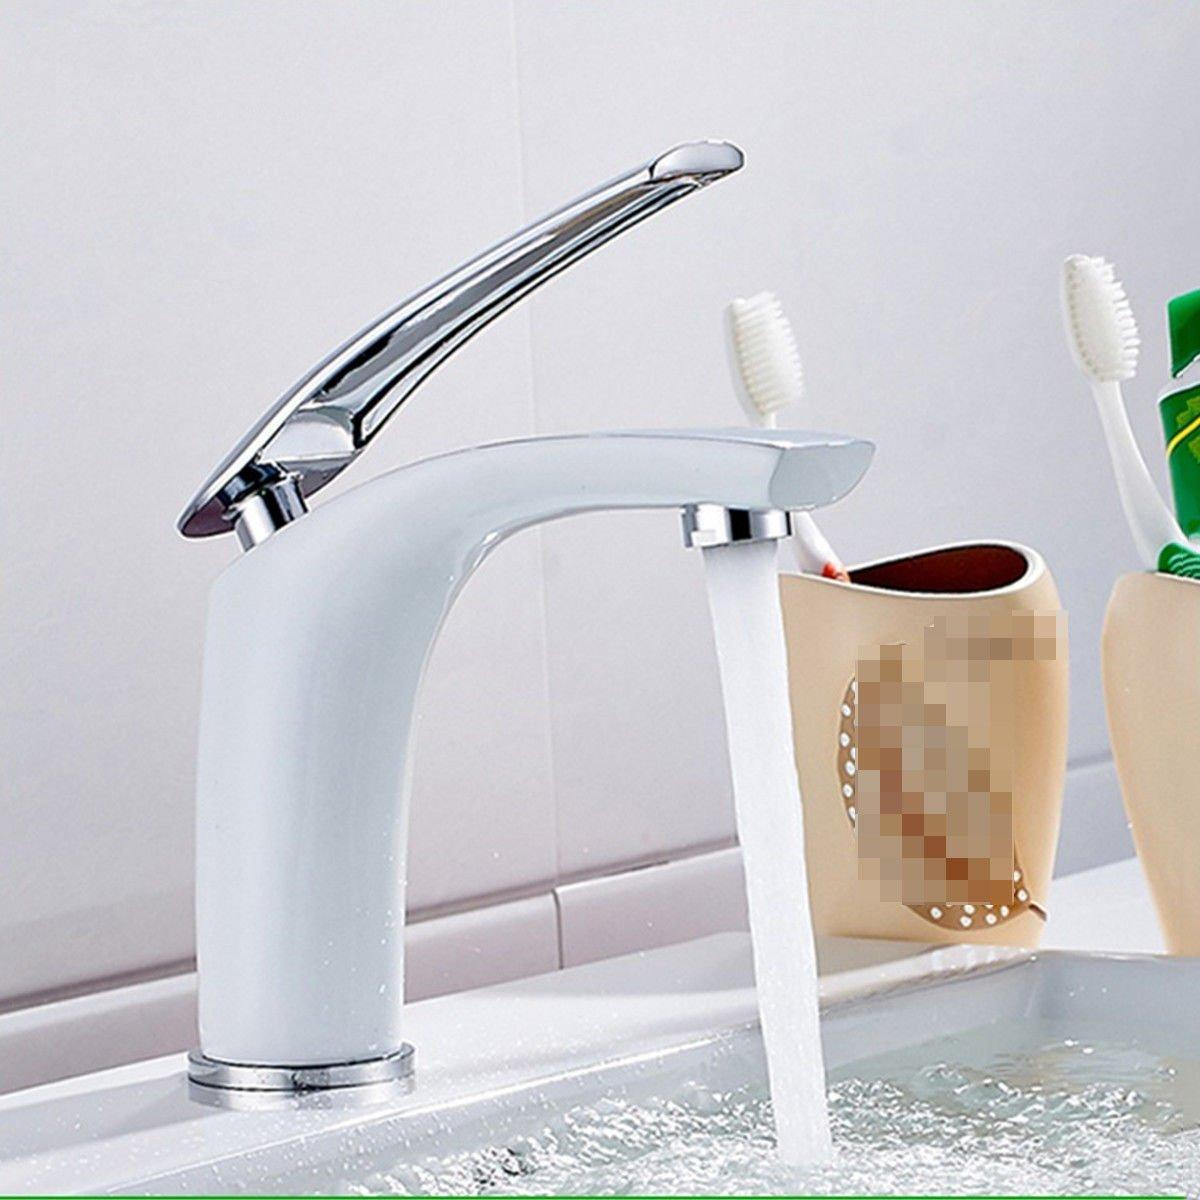 Daadi Küche Badezimmer voll Kupfer verGoldet einzelne single Loch in kalten Wasserhahn Küche Badezimmer Waschbecken Wasserhahn zu sitzen Griff